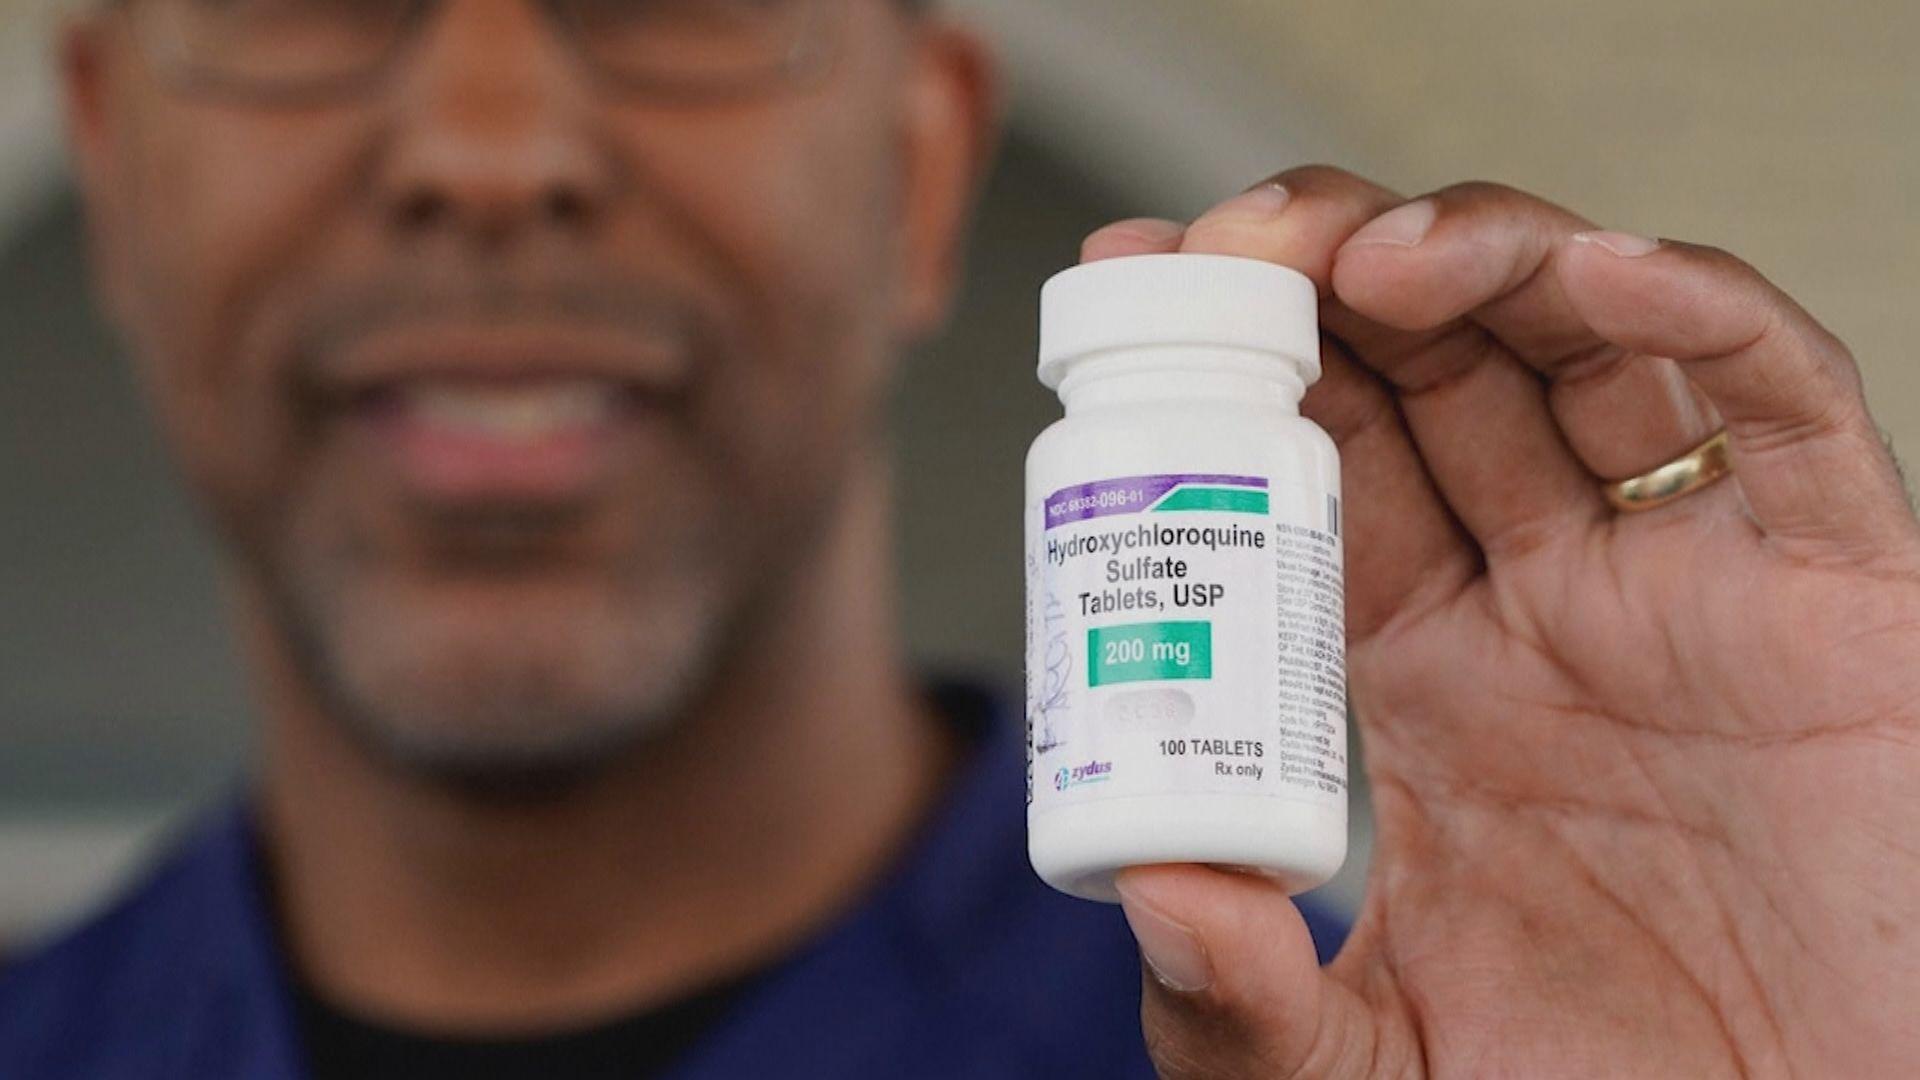 研究指羥氯喹對新冠病毒患者無效